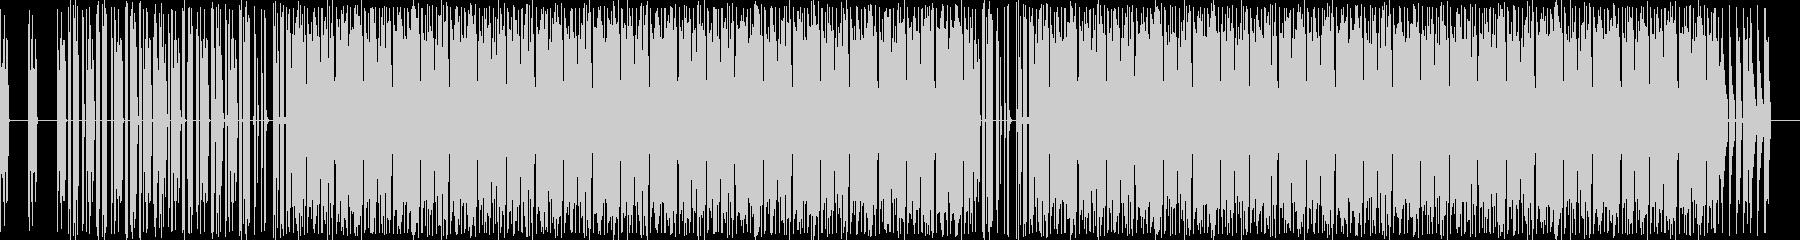 電子。噴水アルペジオ音符。の未再生の波形